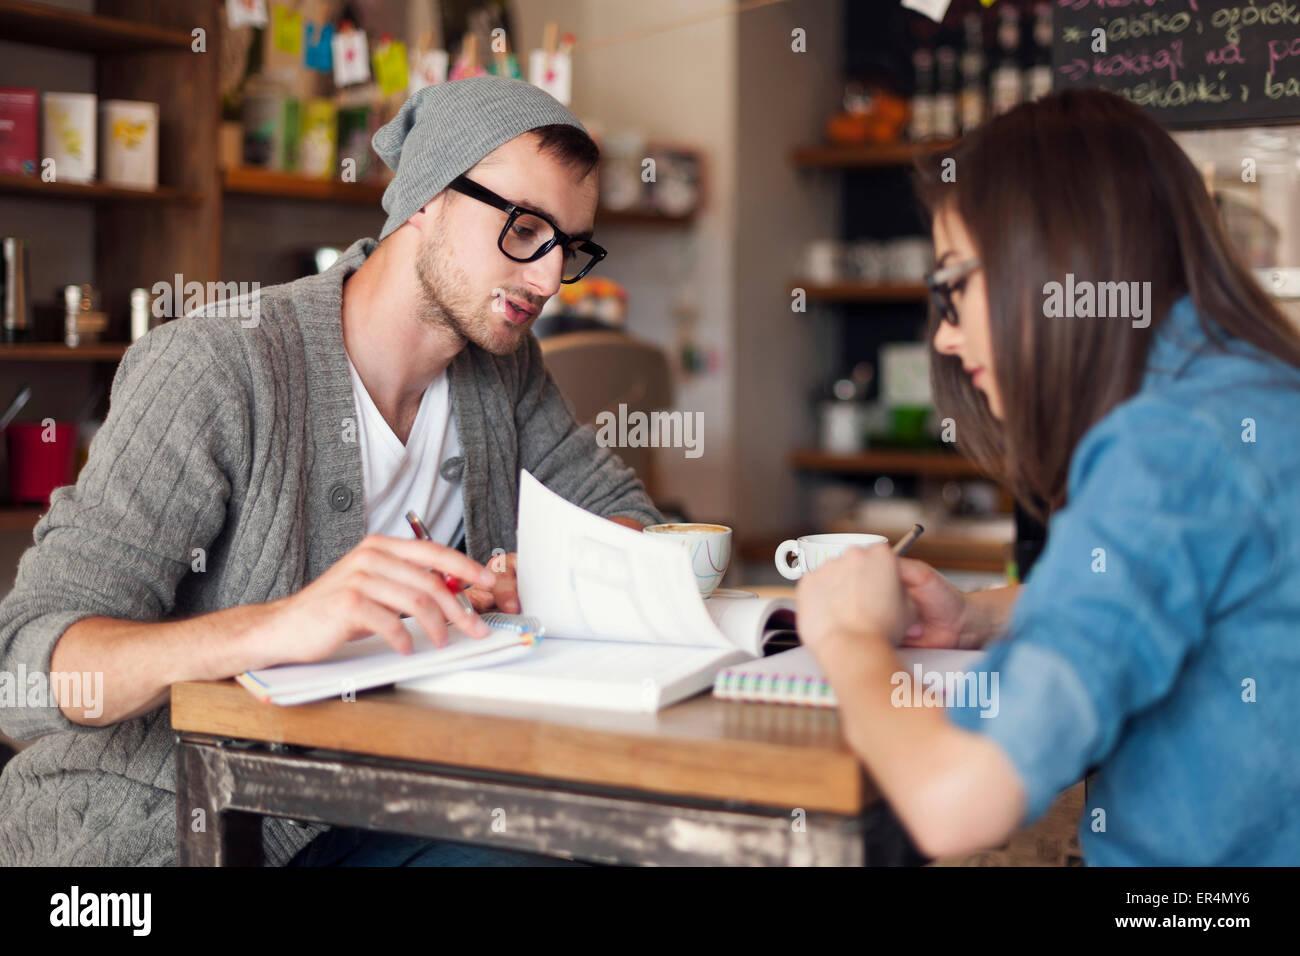 Les étudiants du collège l'accent pour les examens la préparation au café. Cracovie, Pologne Photo Stock